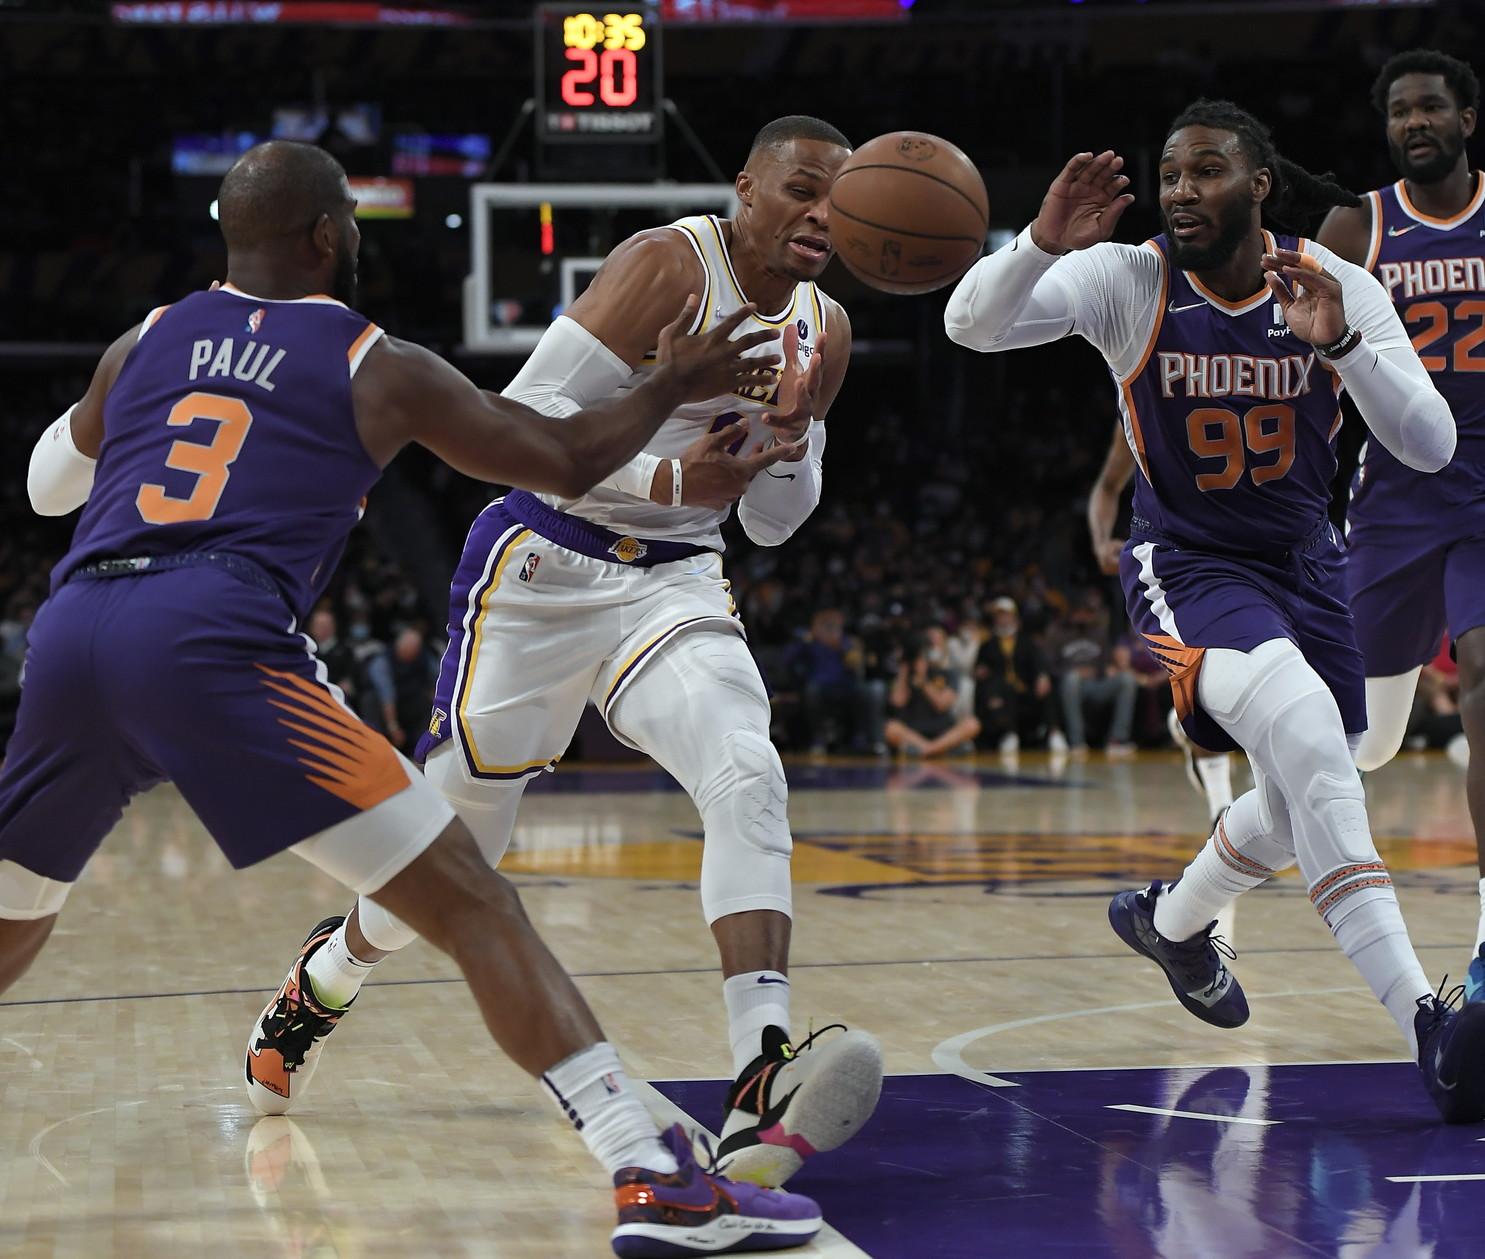 Quarta partita e quarta sconfitta in pre-season per i Lakers, che ancora senza LeBron James vengono travolti dai Suns allo Staples nonostante i 19 punti di Anthony Davis e i 17 dalla panchina di Carmelo Anthony (5/7). I Suns scappano via in un terzo quarto da 37-20 e mandano sei giocatori in doppia cifra (12+9 e 3 stoppate per l&rsquo;ex JaVale McGee). Ancora una brutta prestazione per Russel Westbrook, che mette a referto pi&ugrave; palle perse (9) ed errori dal campo (3/12) che punti segnati (8). Nelle altre partite Milwaukee travolge OKC con un parziale di 32-1, mentre Spurs e Bulls vincono in trasferta di una lunghezza sui cambi di Orlando e Chicago.<br /><br />